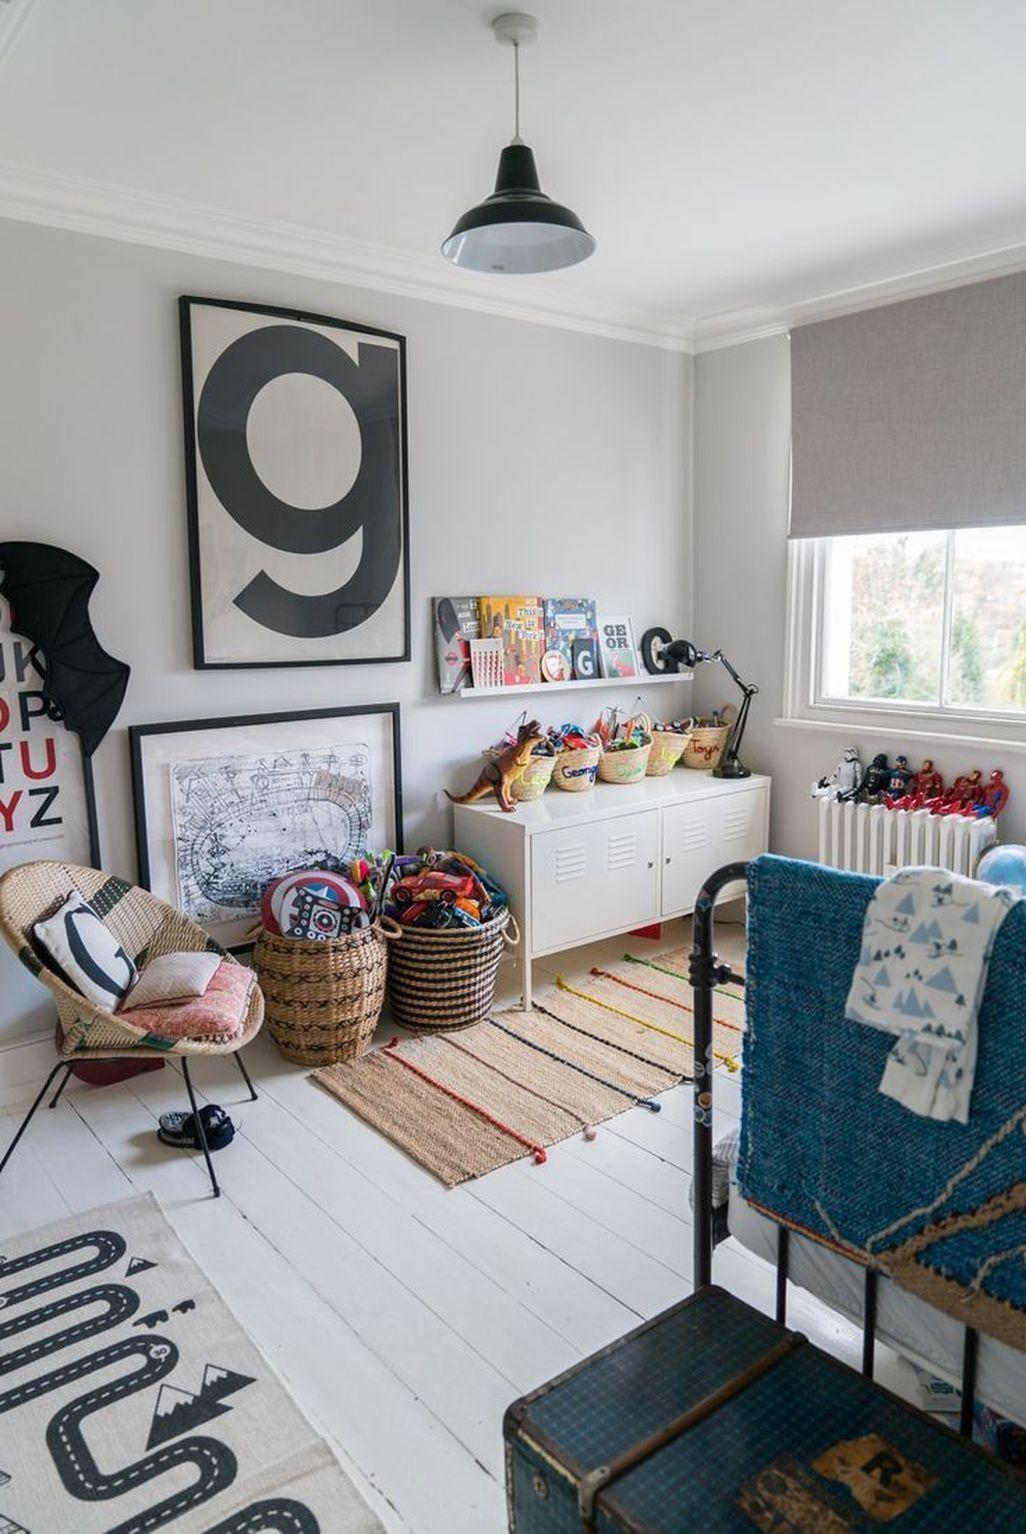 45 Lovely Bedroom Boy Design images